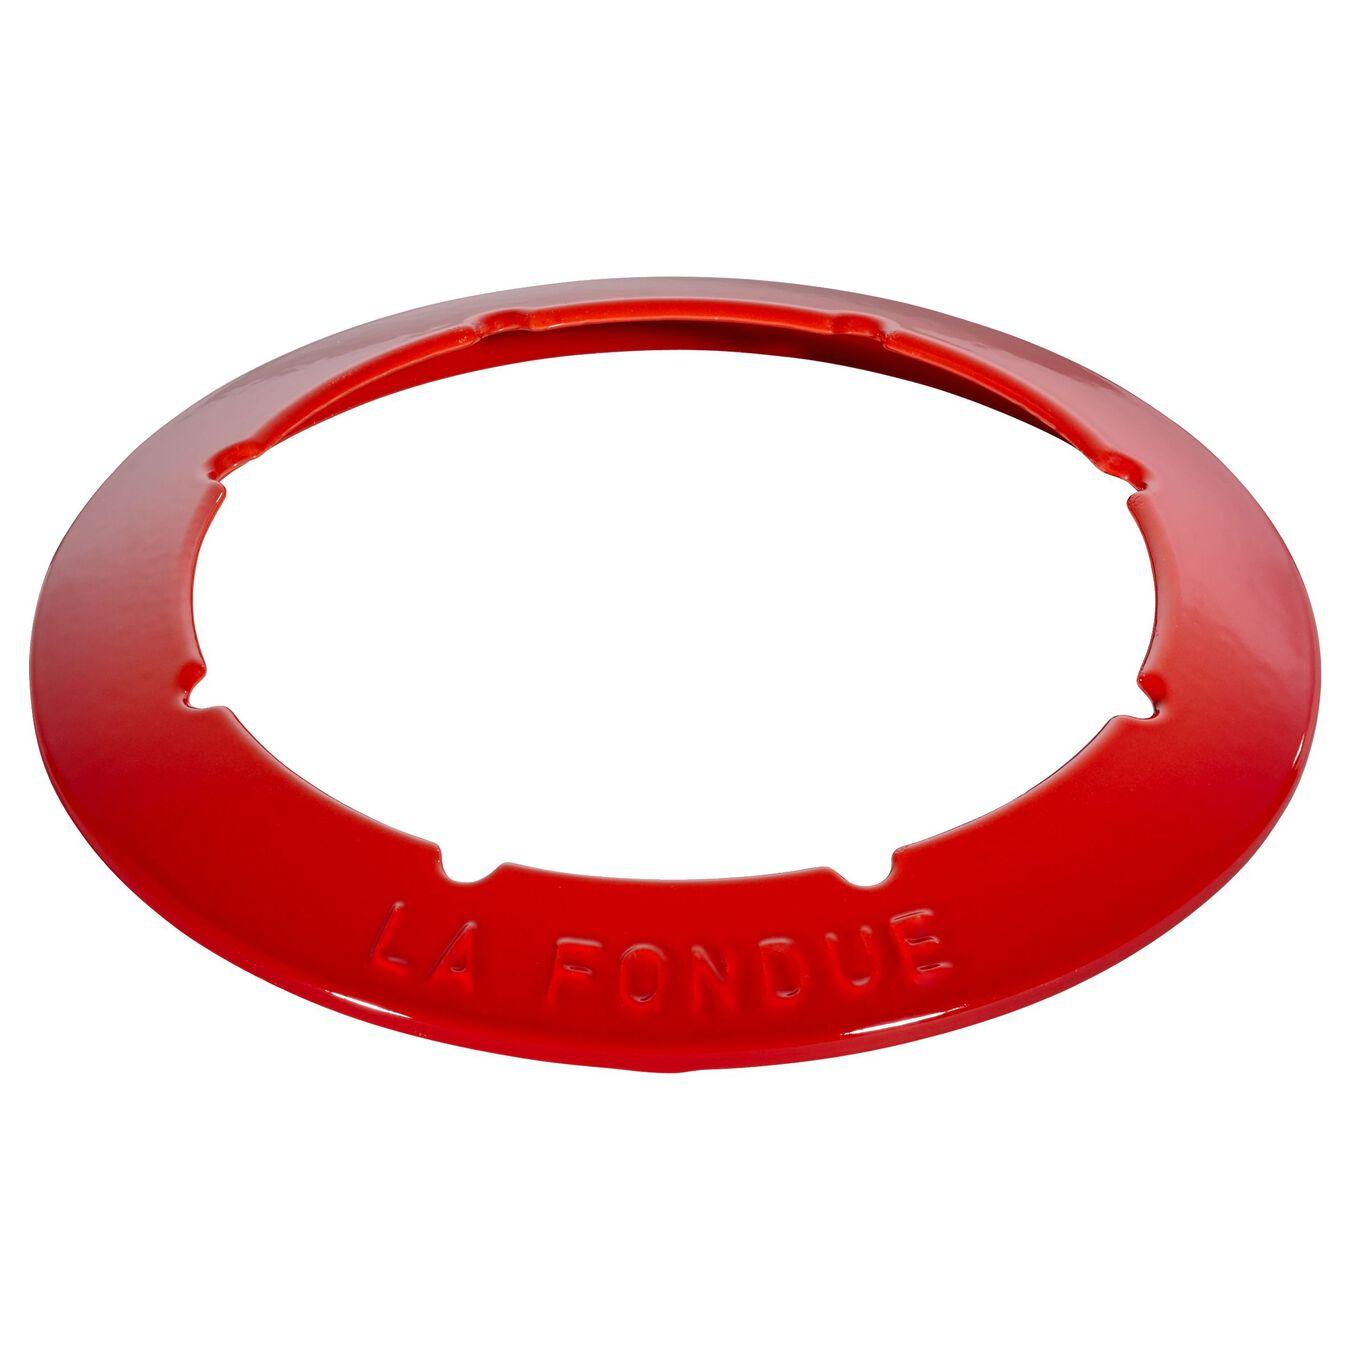 Fondue Set 18 cm, Kirsch-Rot,,large 4